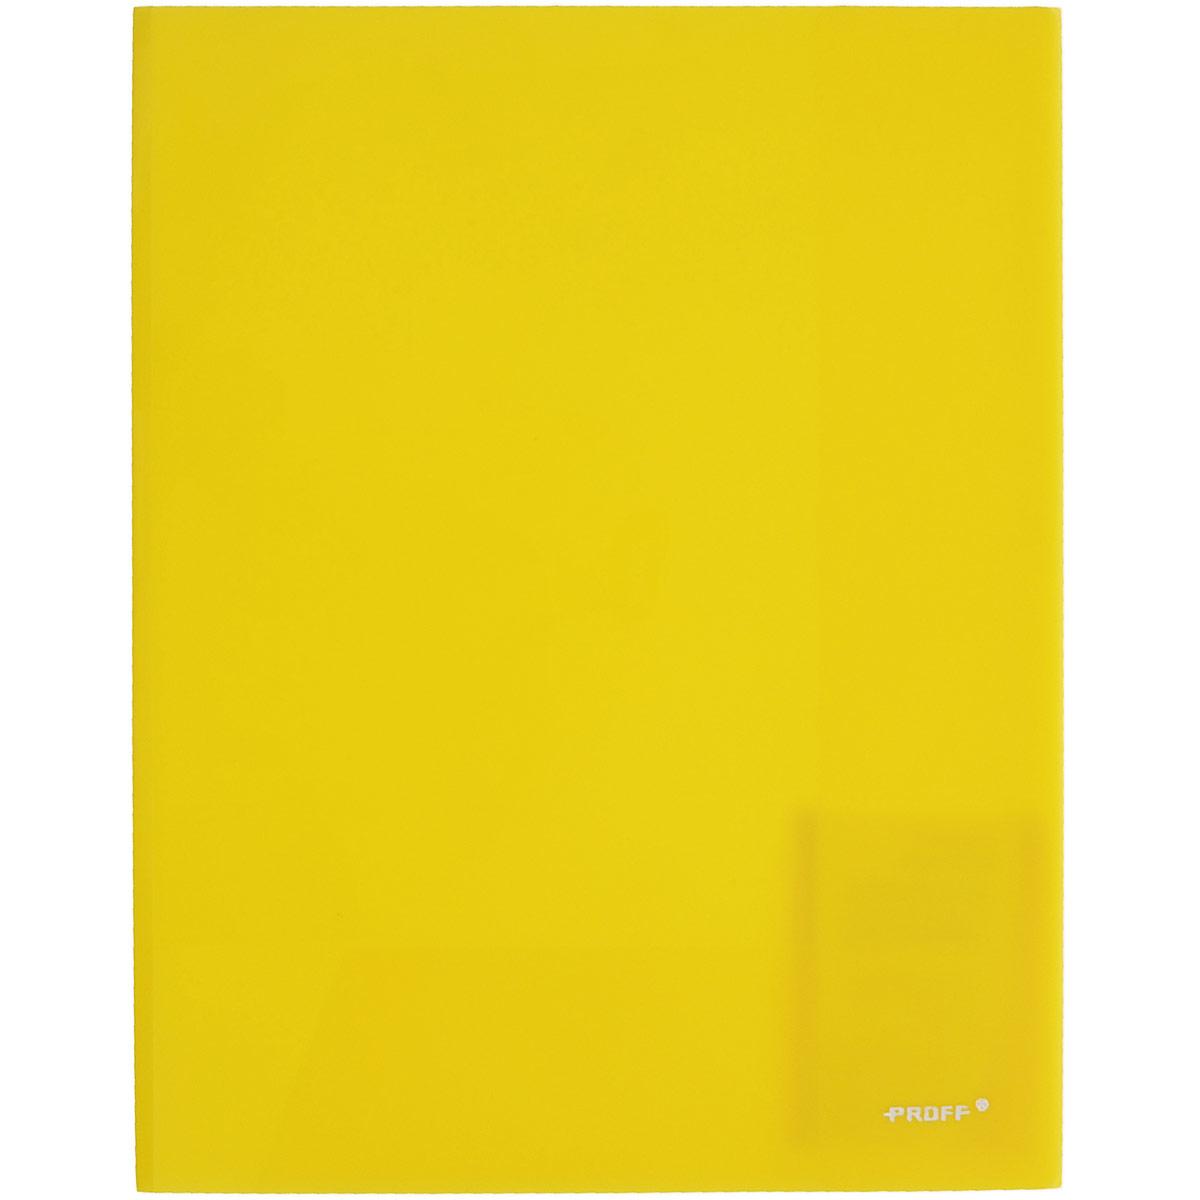 Proff Папка-уголок цвет желтый 2 клапана84018ФПапка-уголок Proff, изготовленная из высококачественного полипропилена -это удобный и практичный офисный инструмент, предназначенный для хранения и транспортировки рабочих бумаг и документов формата А4.Полупрозрачная папка оснащена двумя клапана внутри для надежного удержания бумаг.Папка-уголок - это незаменимый атрибут для студента, школьника, офисного работника. Такая папка надежно сохранит ваши документы и сбережет их от повреждений, пыли и влаги.